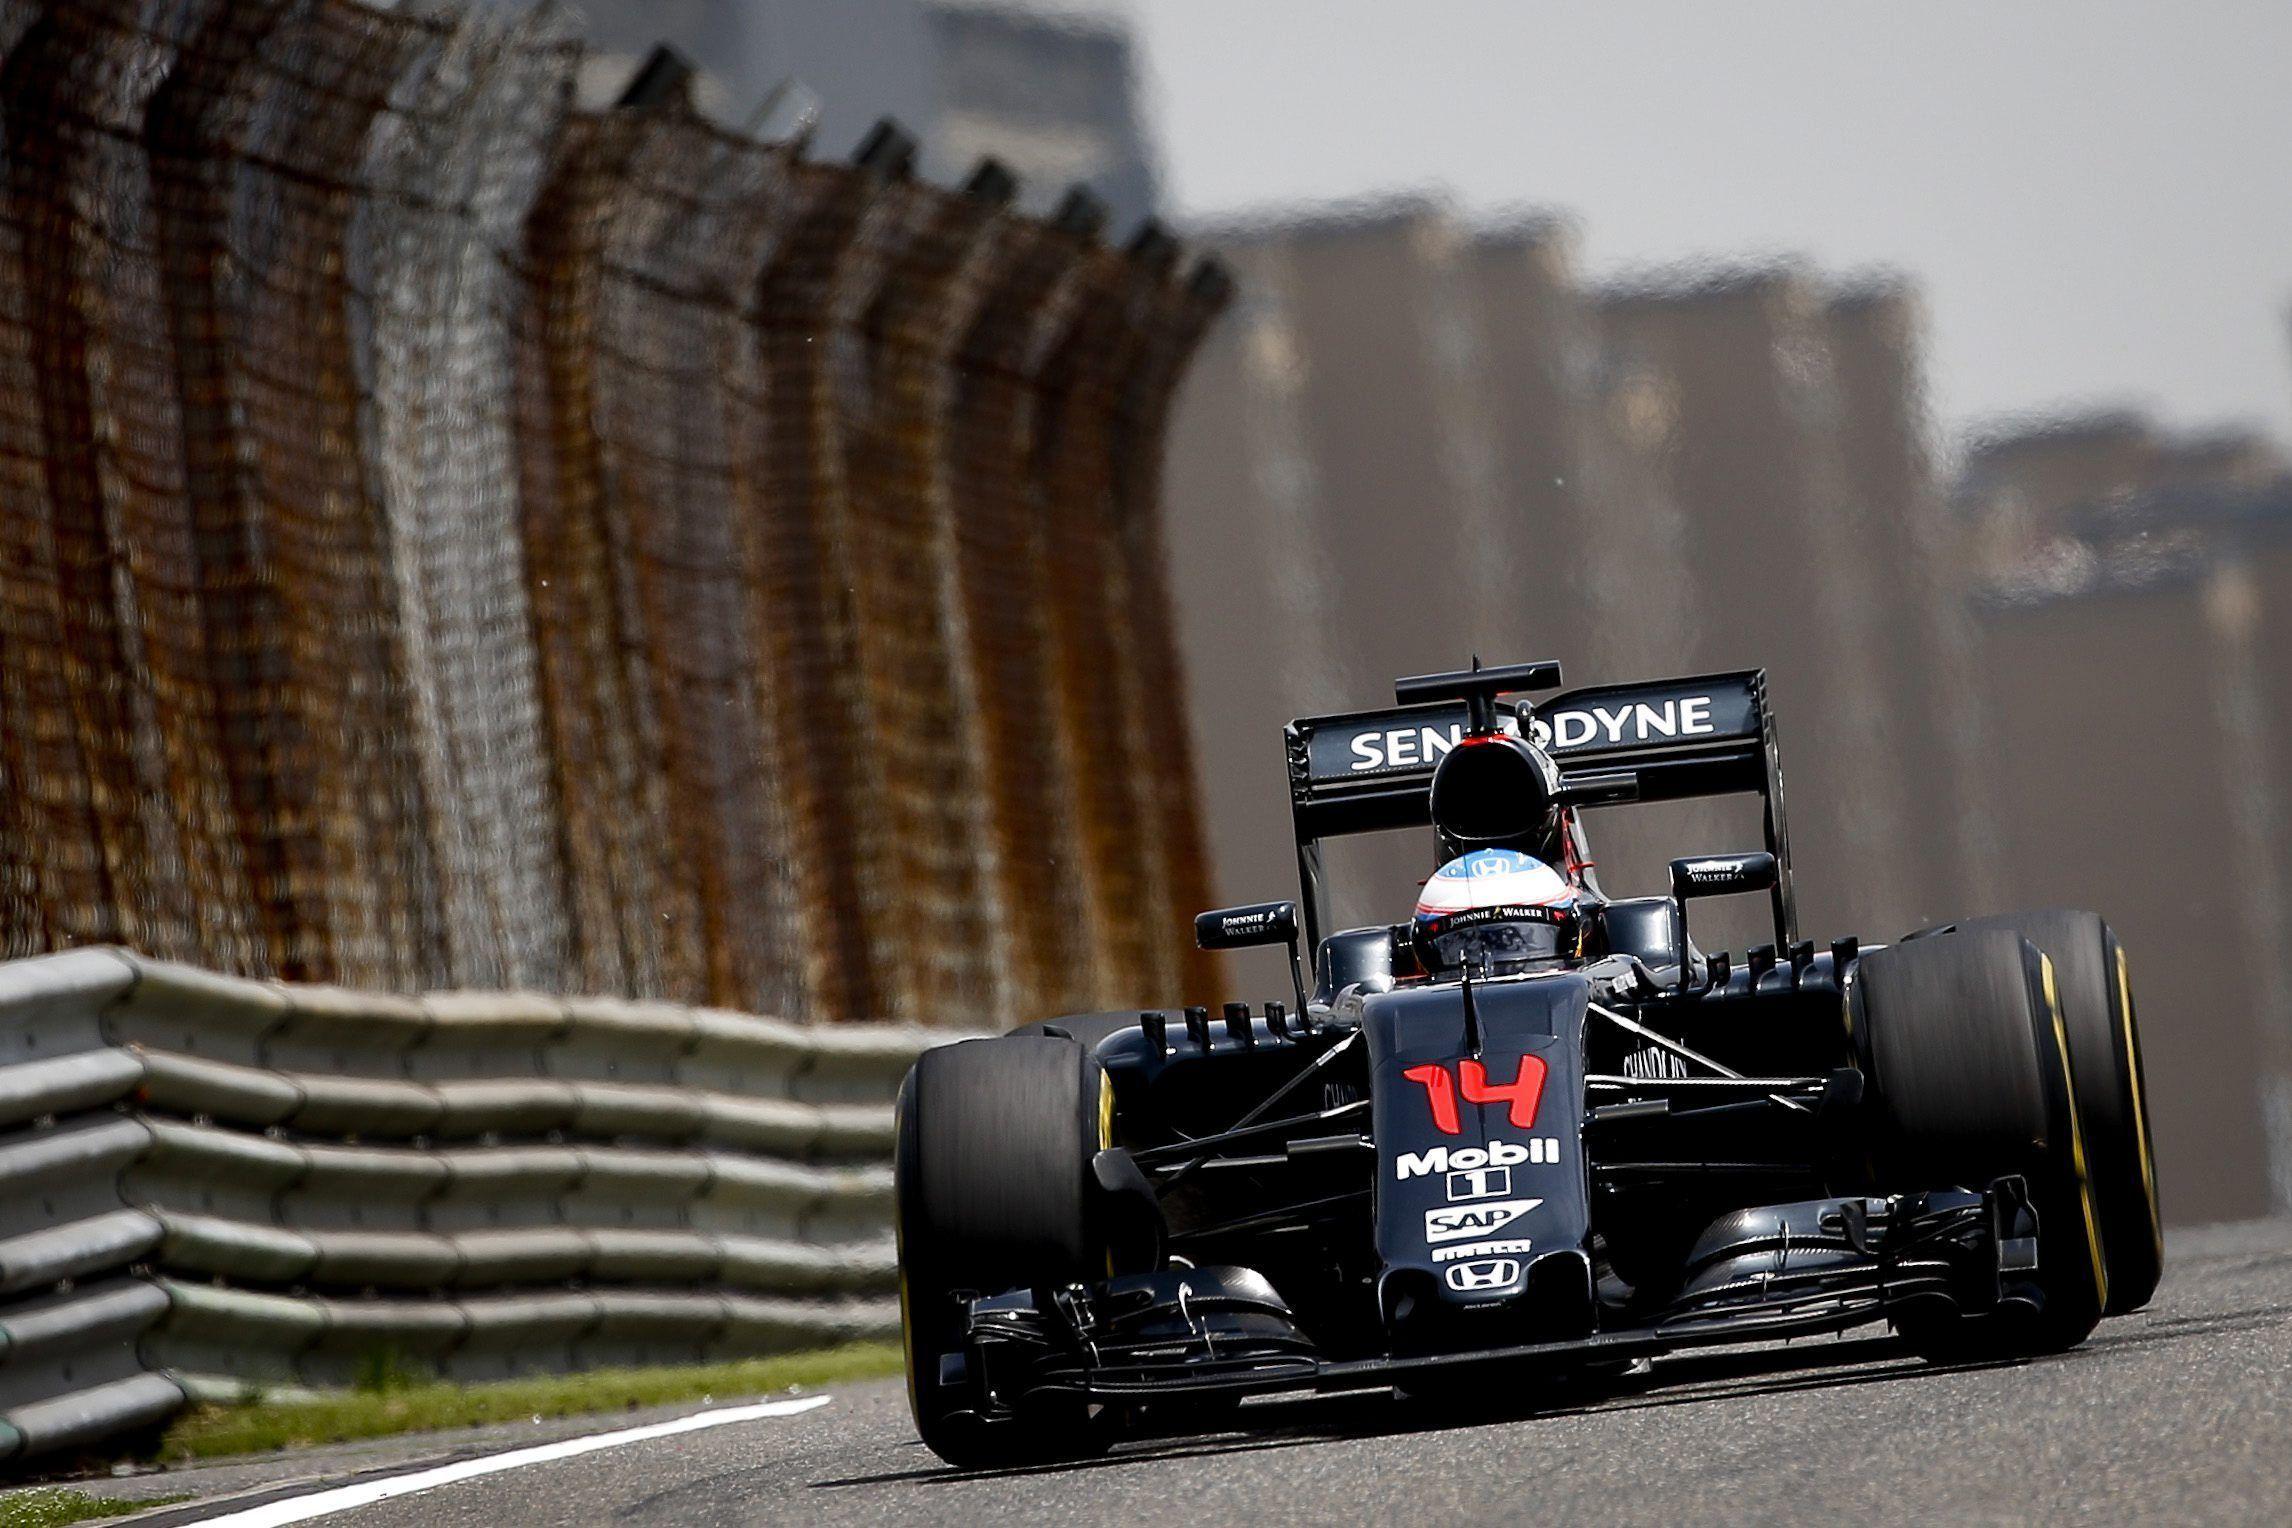 Fórmula 1: Rosberg marcó la pole y largará primero en el GP de China